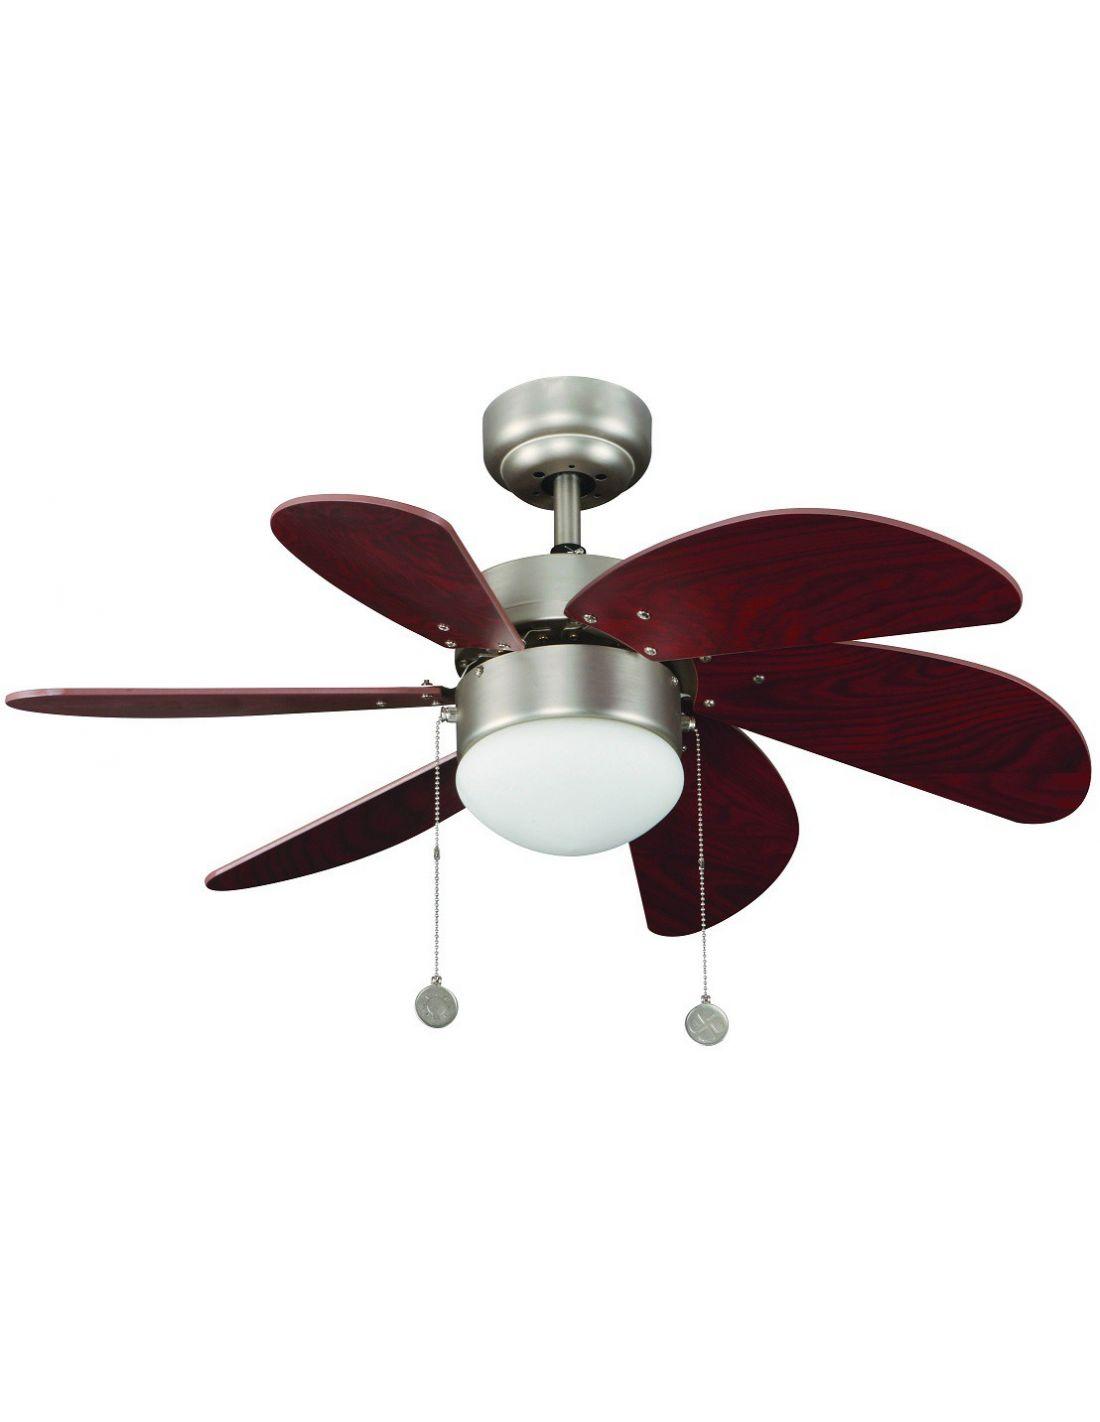 Ventilador de techo | Precios baratos en idealo.es